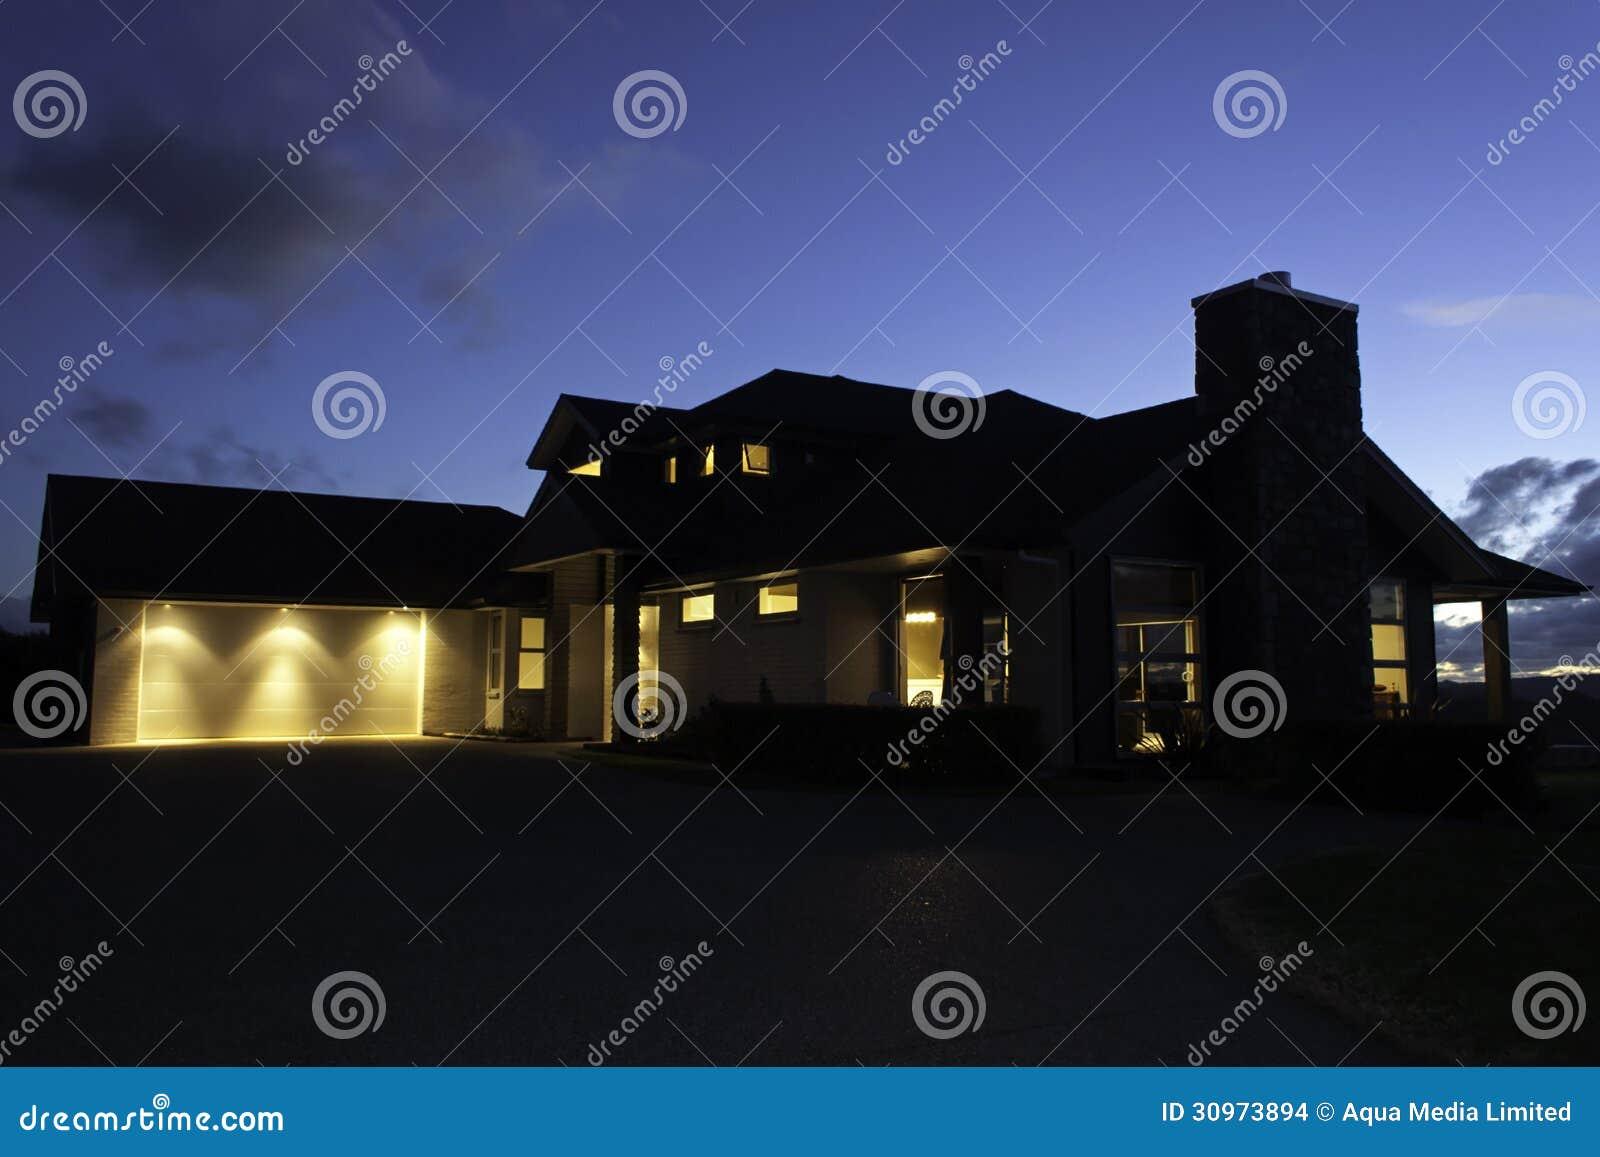 Modern Huis Buiten Met Verlichting Bij Nacht Stock Foto - Afbeelding ...